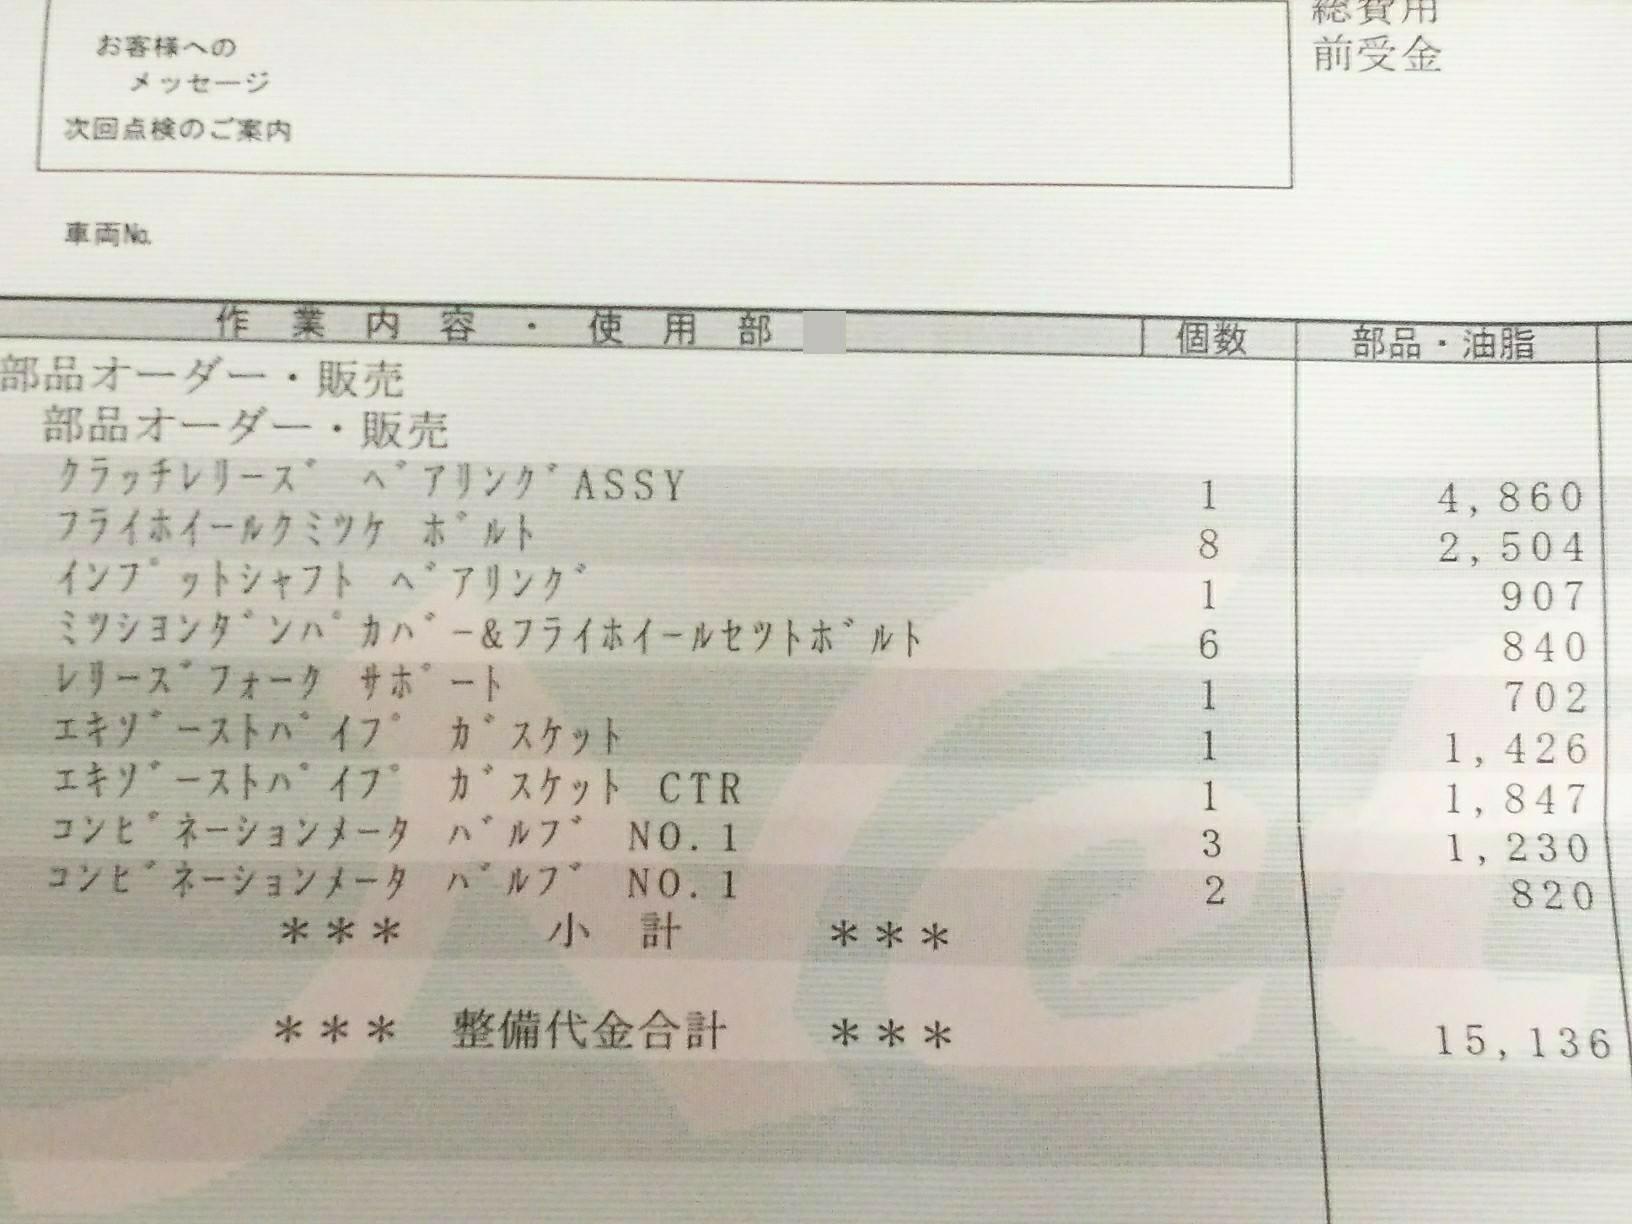 クラッチ交換(クスコ→EXEDY) odo296039km